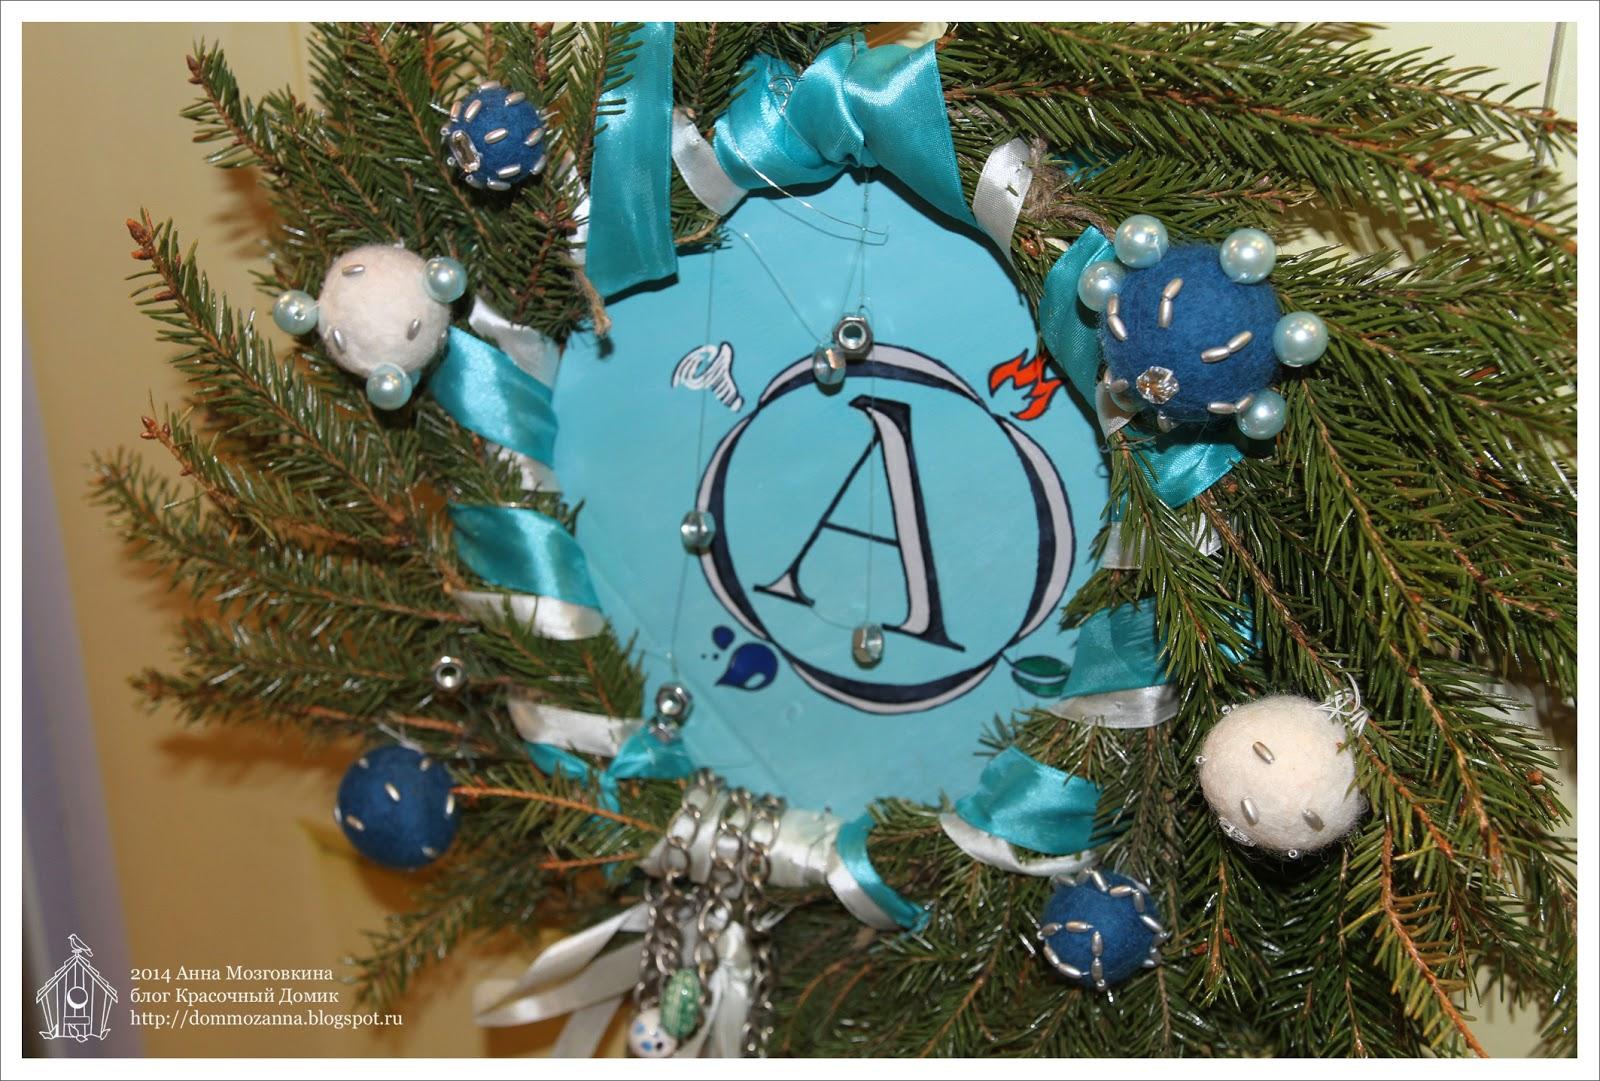 новогодний венок с логотипом